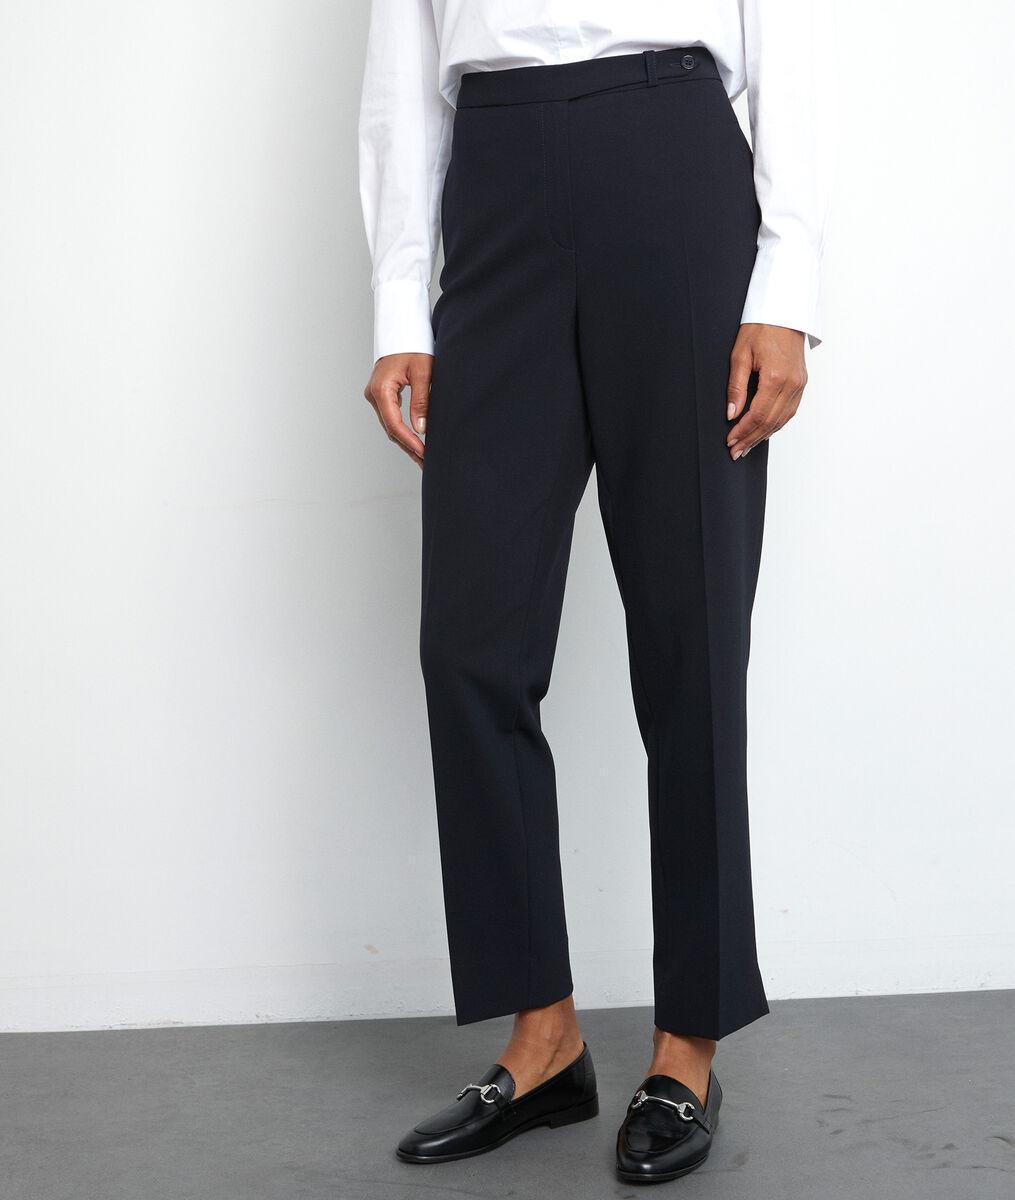 Marineblauwe geklede broek met rechte pijpen Lara PhotoZ   1-2-3